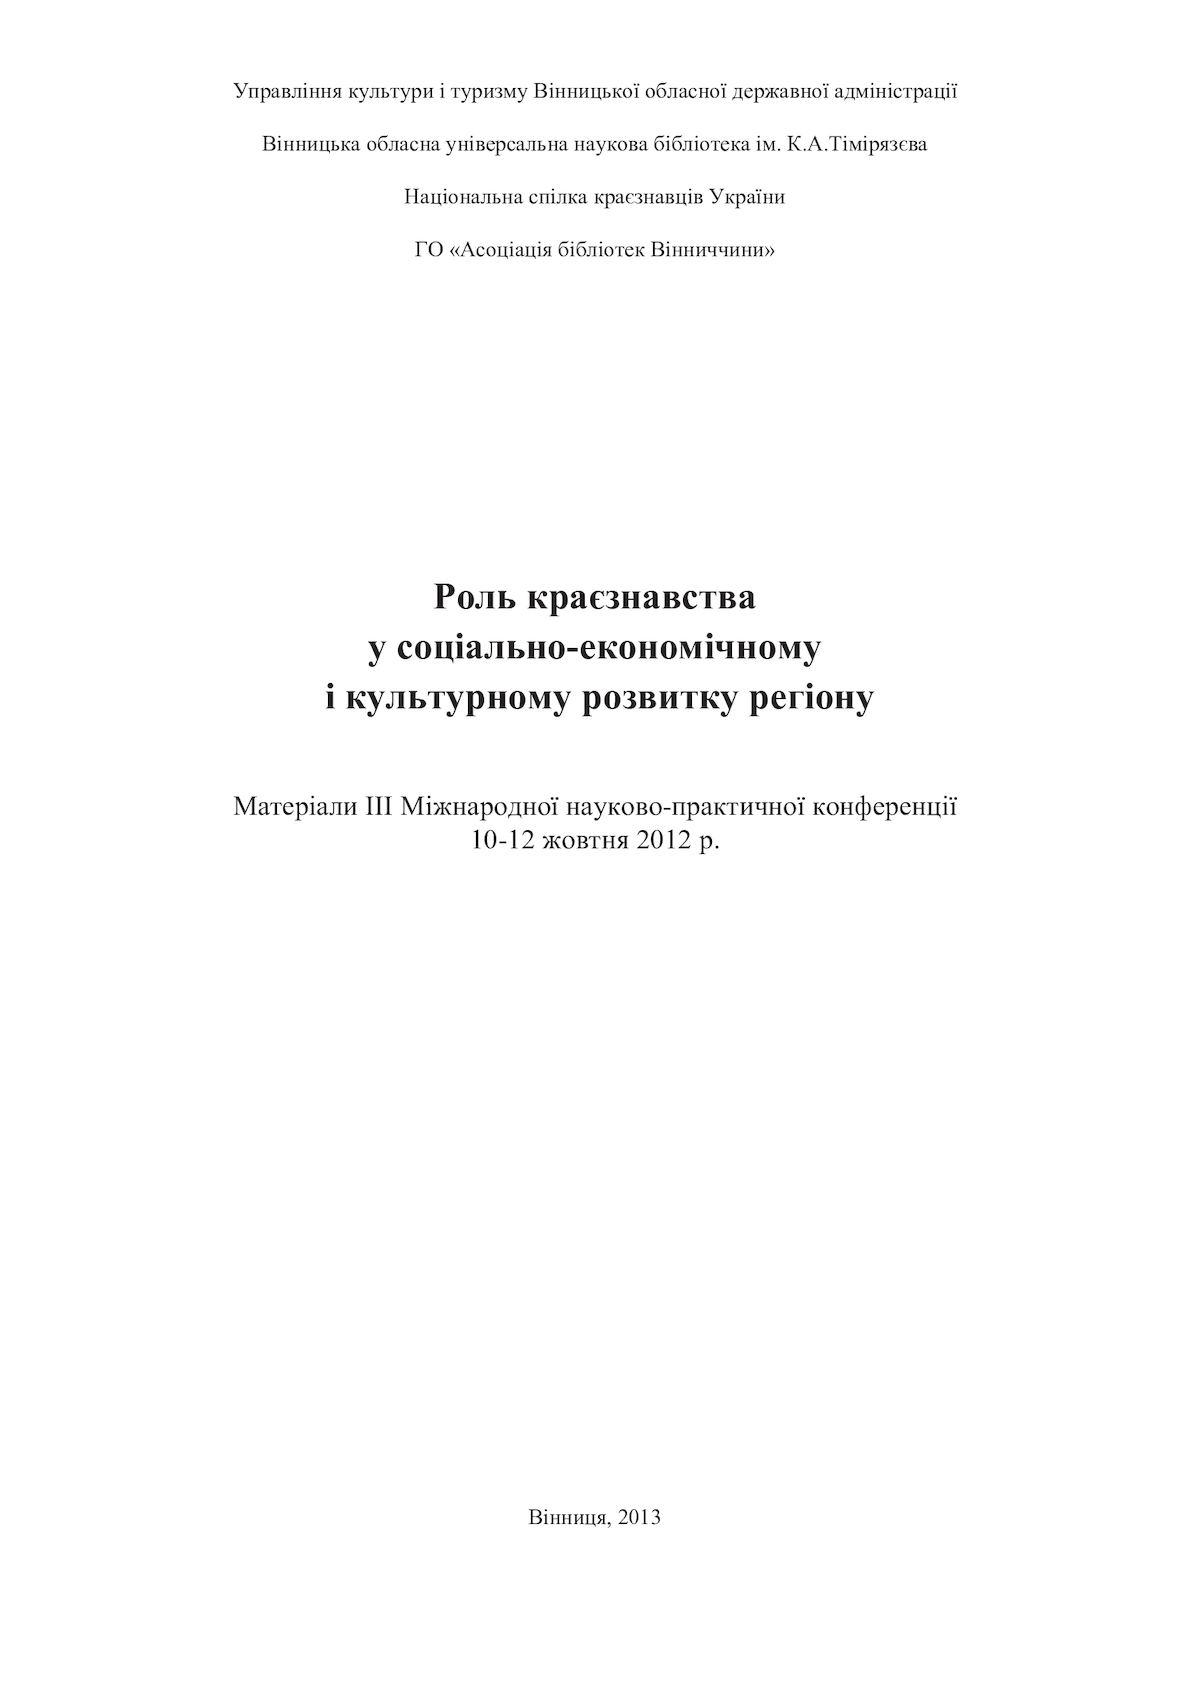 Calaméo - Роль краєзнавства у соціально-економічному і культурному розвитку  регіону b65a871535023